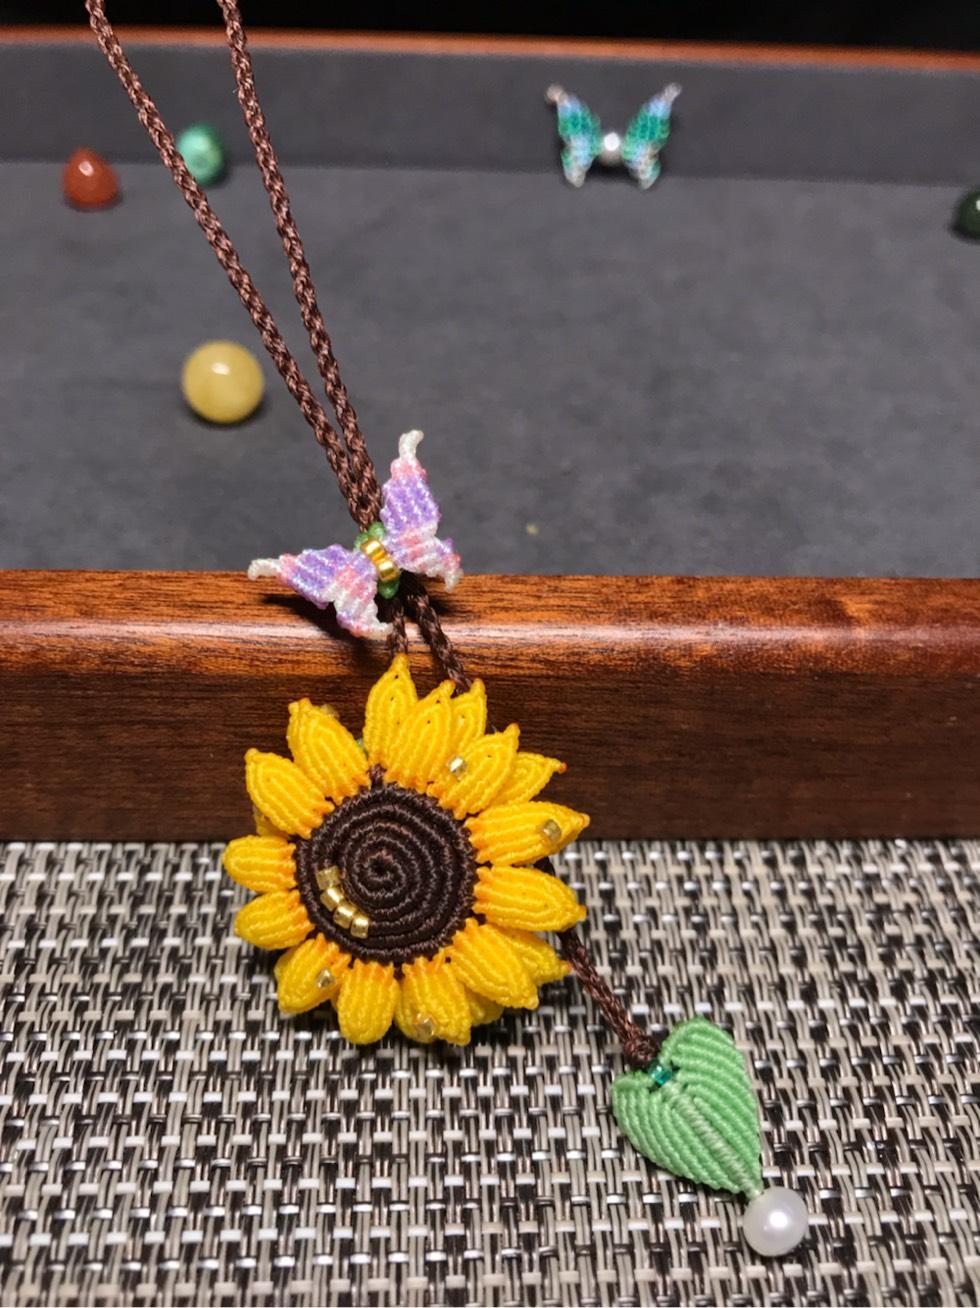 中国结论坛 向日葵香盒 观赏向日葵,放香和,向日葵花,向日葵怎么养 作品展示 092450xckrubr9l7ukex59